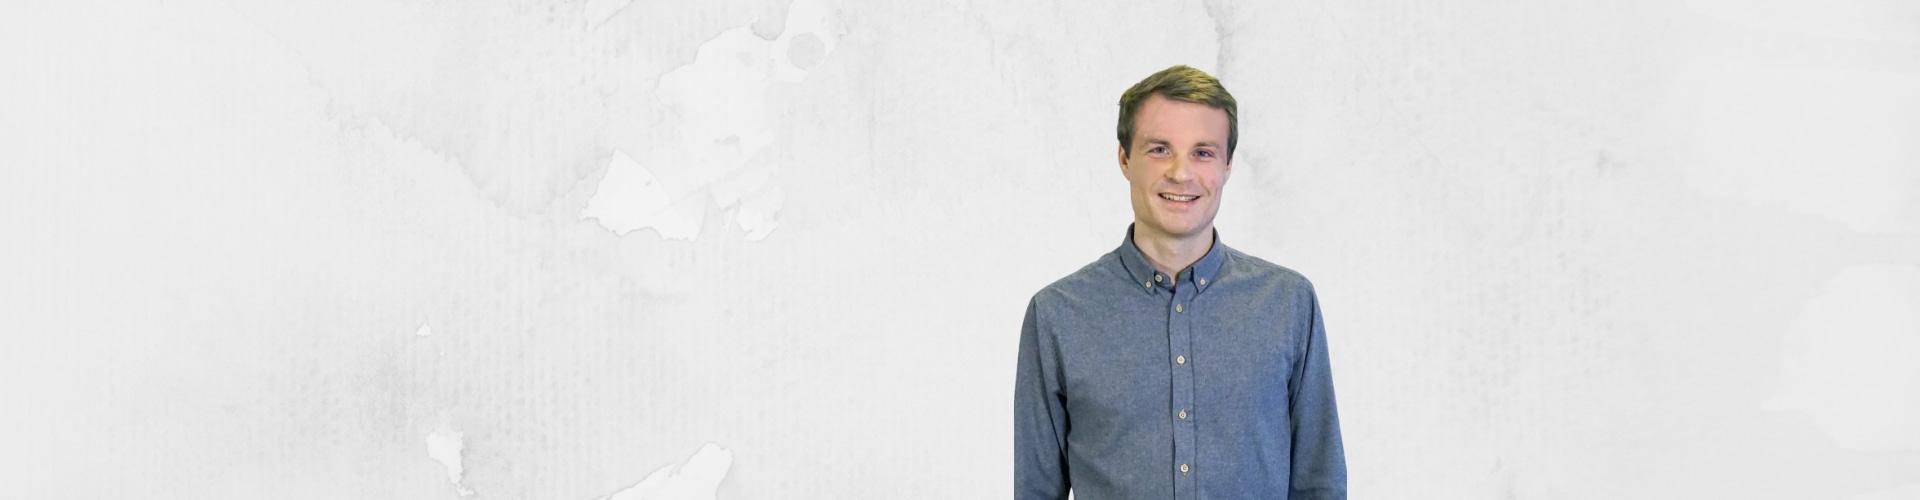 Andreas Wichmann Larsen økonomikonsulent Stepto